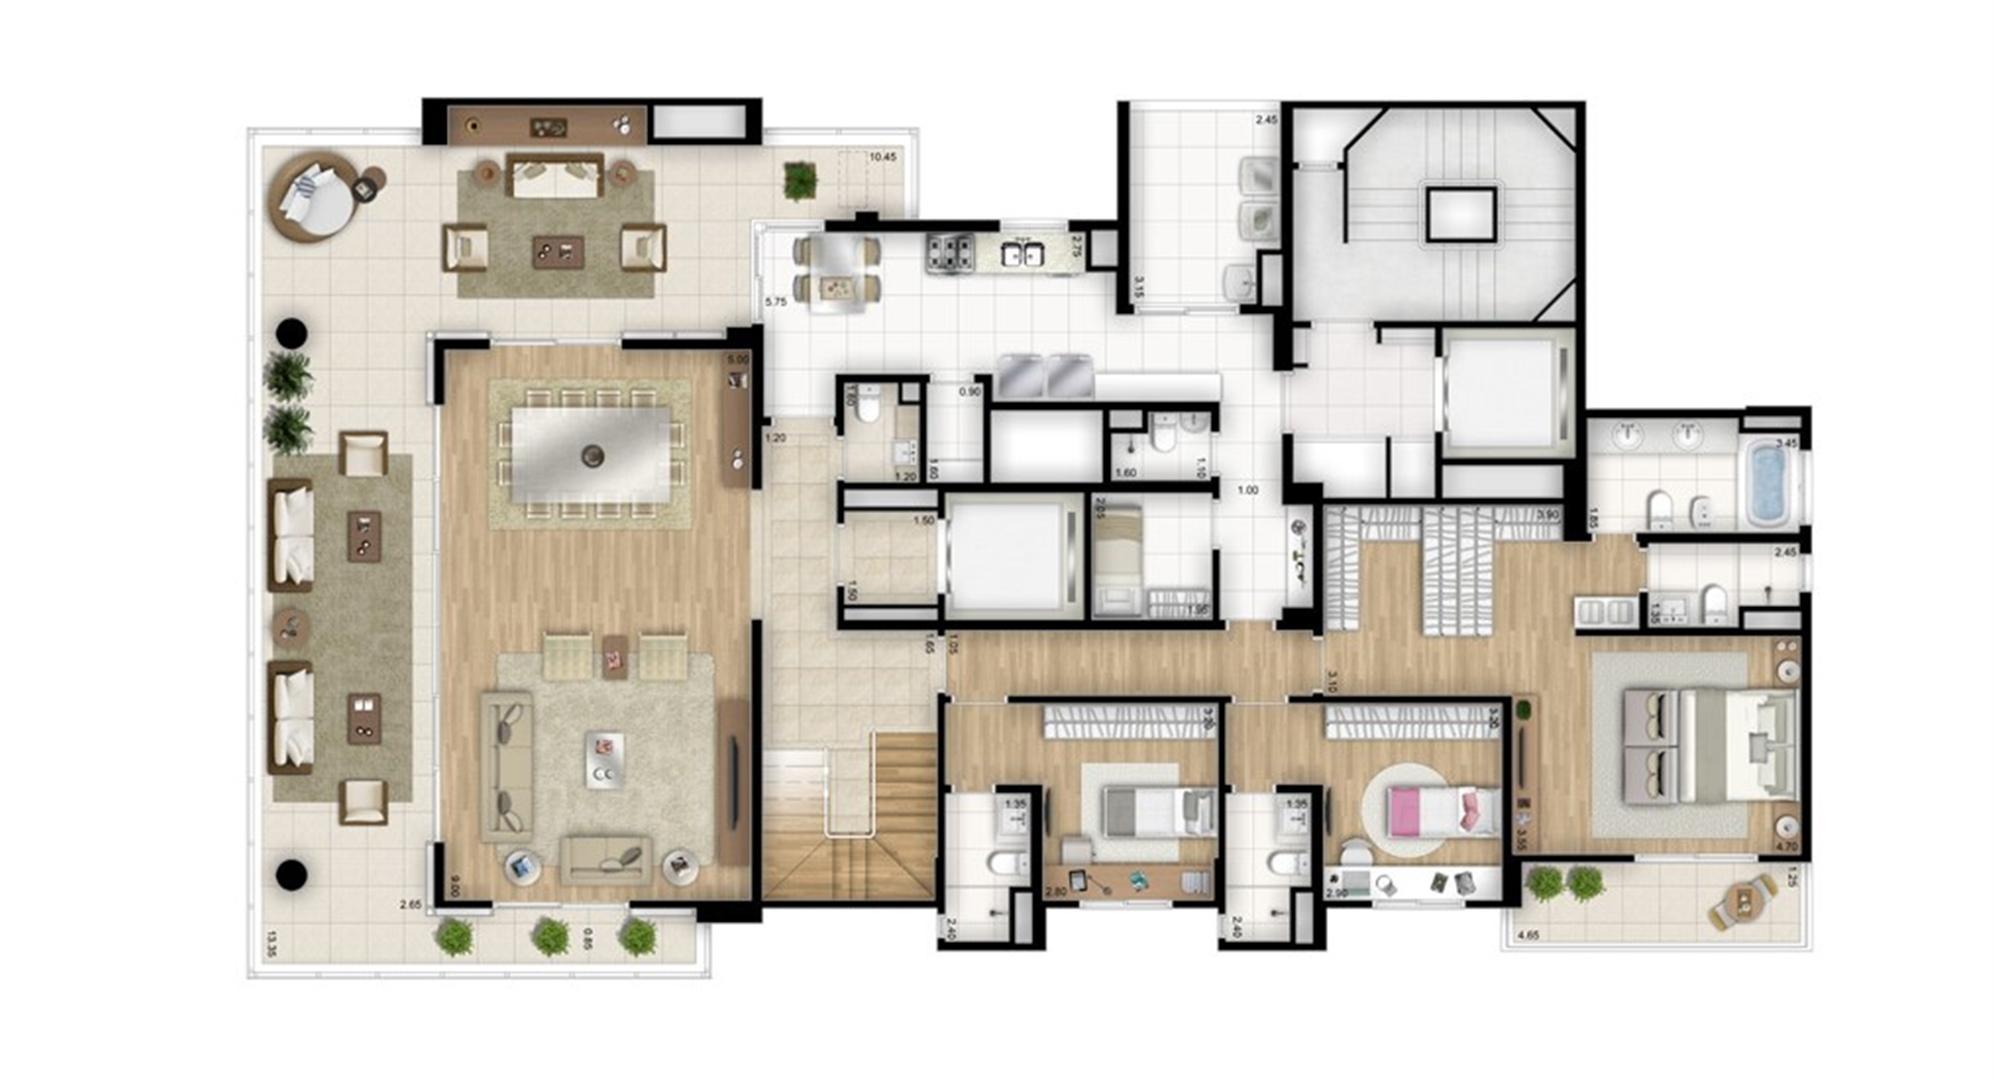 Cobertura duplex inferior - Torre Bianco | Cyrela Essenza Moema – Apartamento em  Moema - São Paulo - São Paulo